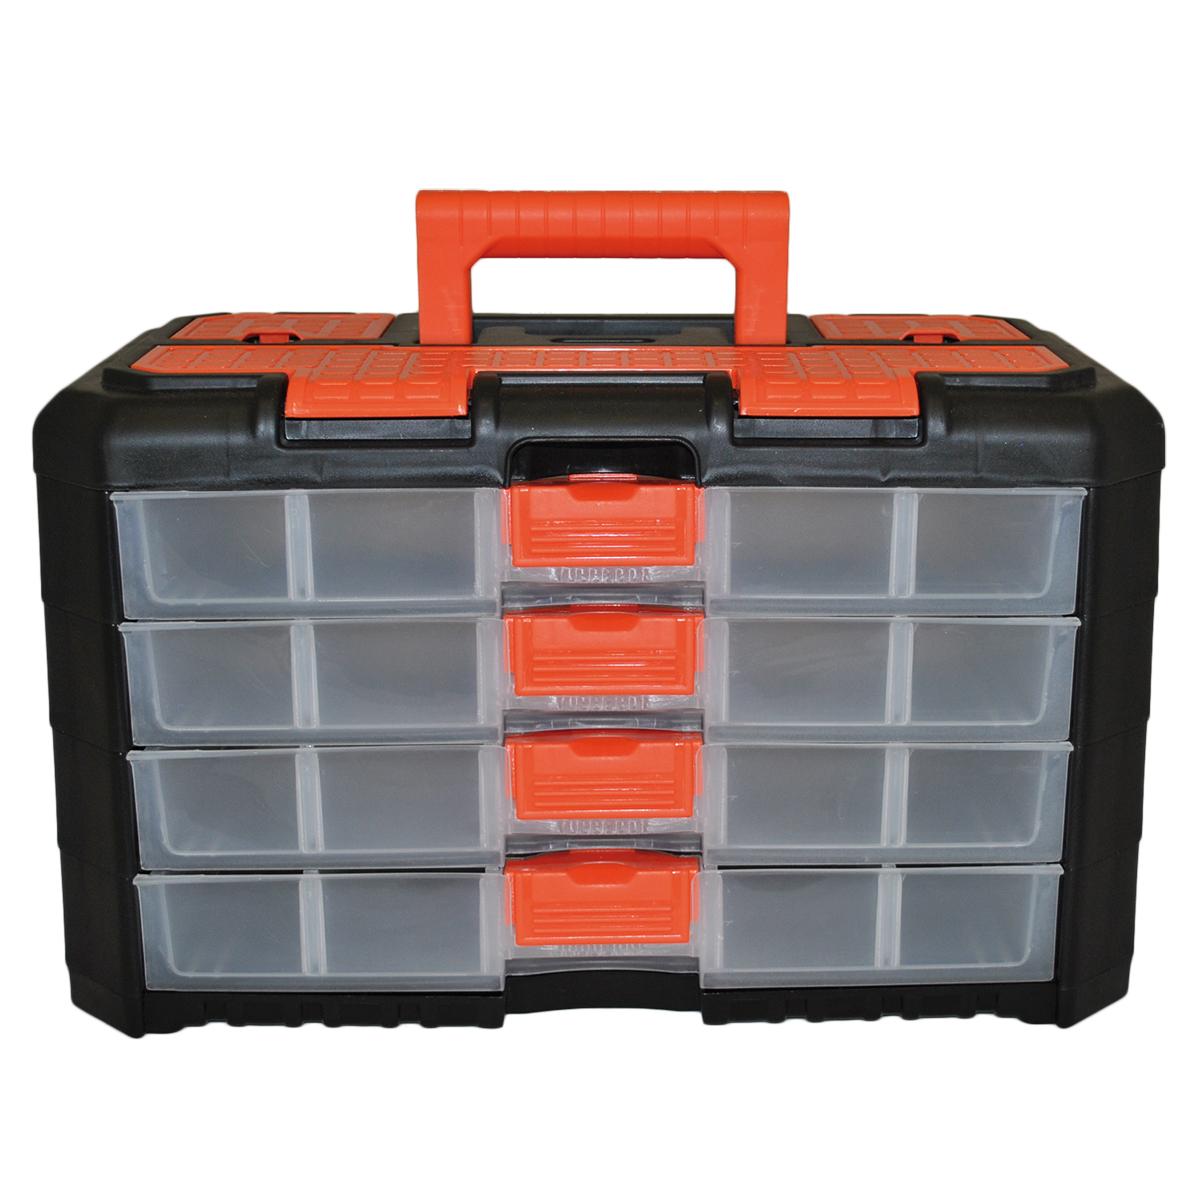 Органайзер для мелочей Blocker Grand, цвет: черный, оранжевый, 400 х 219 х 247 ммBR3746СР-16PSУниверсальный сет для мелочей Blocker Grand с ручкой для переноски выполнен из высококачественного полипропилена. Секции фиксируются замками, которые надежно защищают от случайного открывания. Внутри секции разделены съемными перегородками, что позволяет организовать внутреннее пространство в зависимости от потребностей и делает сет пригодным для хранения не только мелочей, но и предметов средней величины. Встроенные секции на крышке подходят для хранения скобяных изделий.